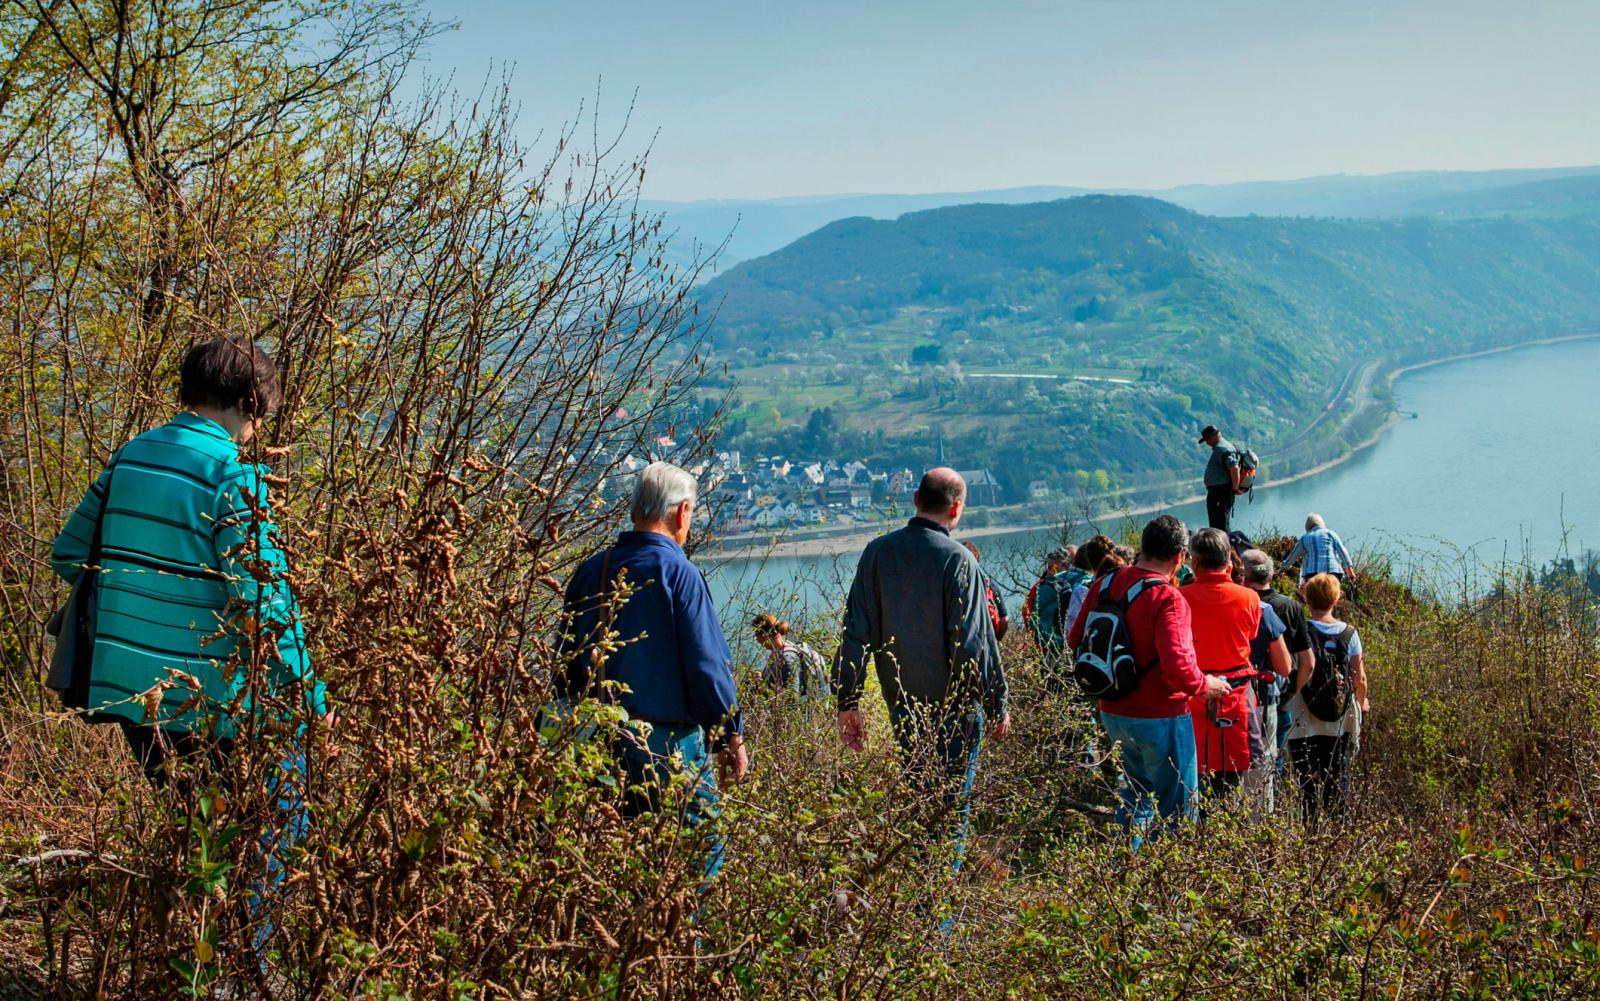 Vandring är mycket populärt och det finns flera leder och teman. Till exempel vandring i vinodlingar eller längs en gammal järnväg.